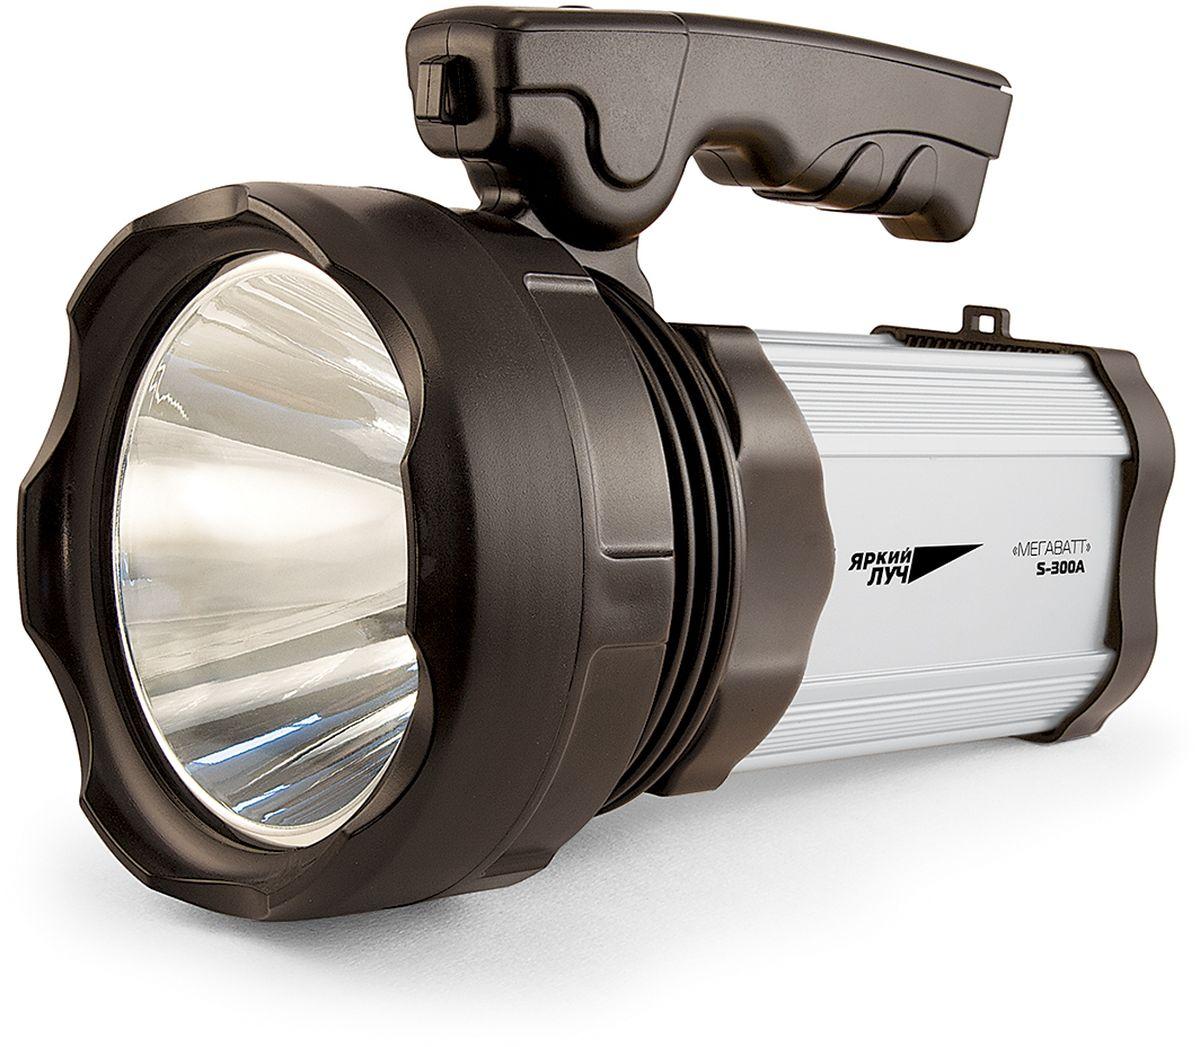 Фонарь ручной Яркий Луч S-300A. Мегаватт4606400105374- Светодиод CREE XM-L мощностью 10 Ватт 300 лм обеспечивает направленный свет дальностью до 418 метров- Два ярких СОВ светодиода суммарной мощностью 10 Ватт 450 лм на боковой поверхности для заливного света- 3 режима работы CREE XM-L светодиода: 100%, 25% и мигающий- 2 режима работы СОВ светодиодов: 100% и 25%- Возможность USB-подзарядки телефонов, планшетов и пр. от аккумулятора фонаря - Штатное зарядное устройство с индикатором заряда- Удобная эргономичная ручка- Продолжительная работа на кислотно-свинцовом аккумуляторе 4 В 7000 мАч (5 часов в режиме 100%)- Материал корпуса: ABS-пластик и алюминийВ комплект входят ремень и зарядное устройство. Во время зарядки фонаря светодиод на зарядном устройстве загорится красным цветом. При полностью заряженном аккумуляторе цвет поменяется на зеленый. Время зарядки аккумулятора составляет 13 - 15 ч.